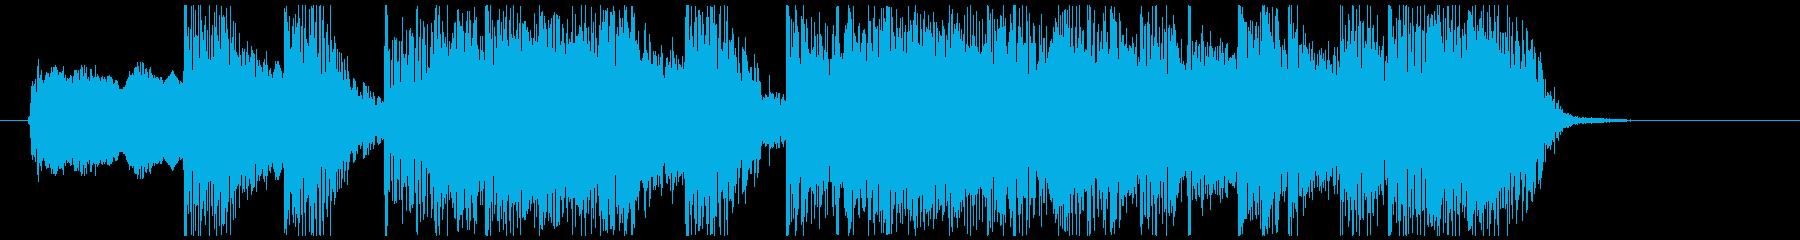 ロックギターでインパクトのあるジングル①の再生済みの波形